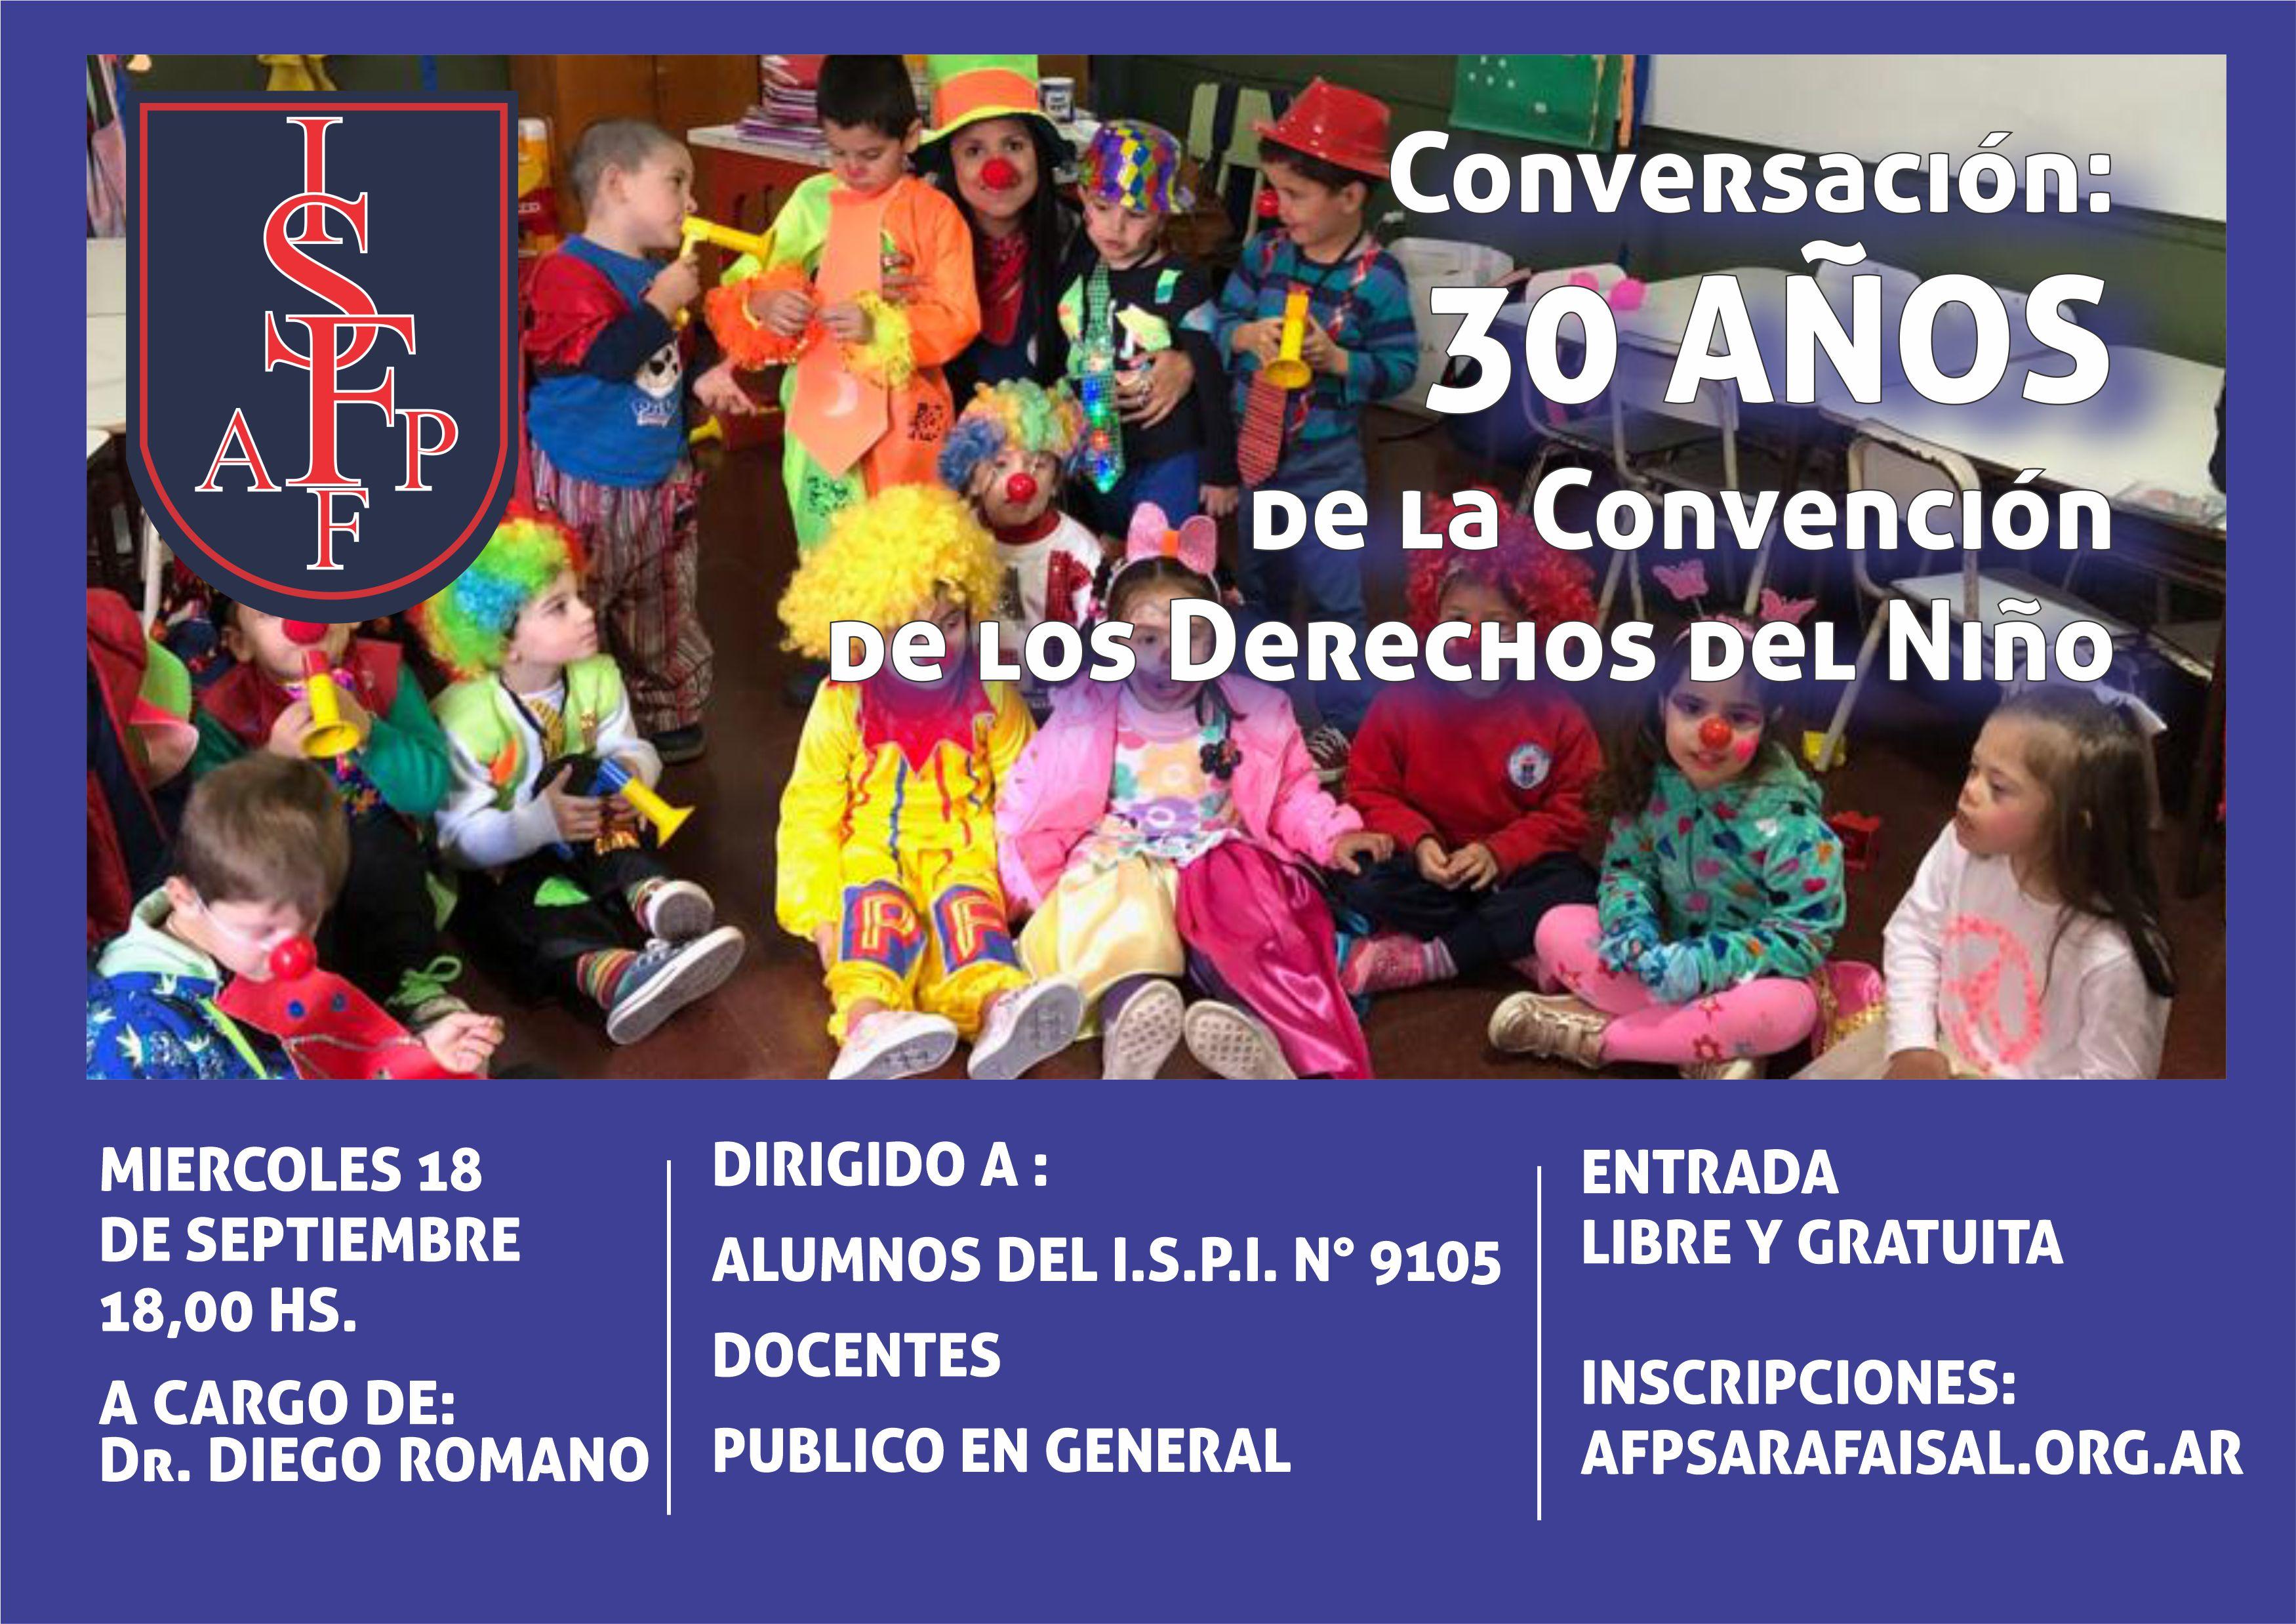 Conversación: 30 Años de la Convención de los Derechos del Niño